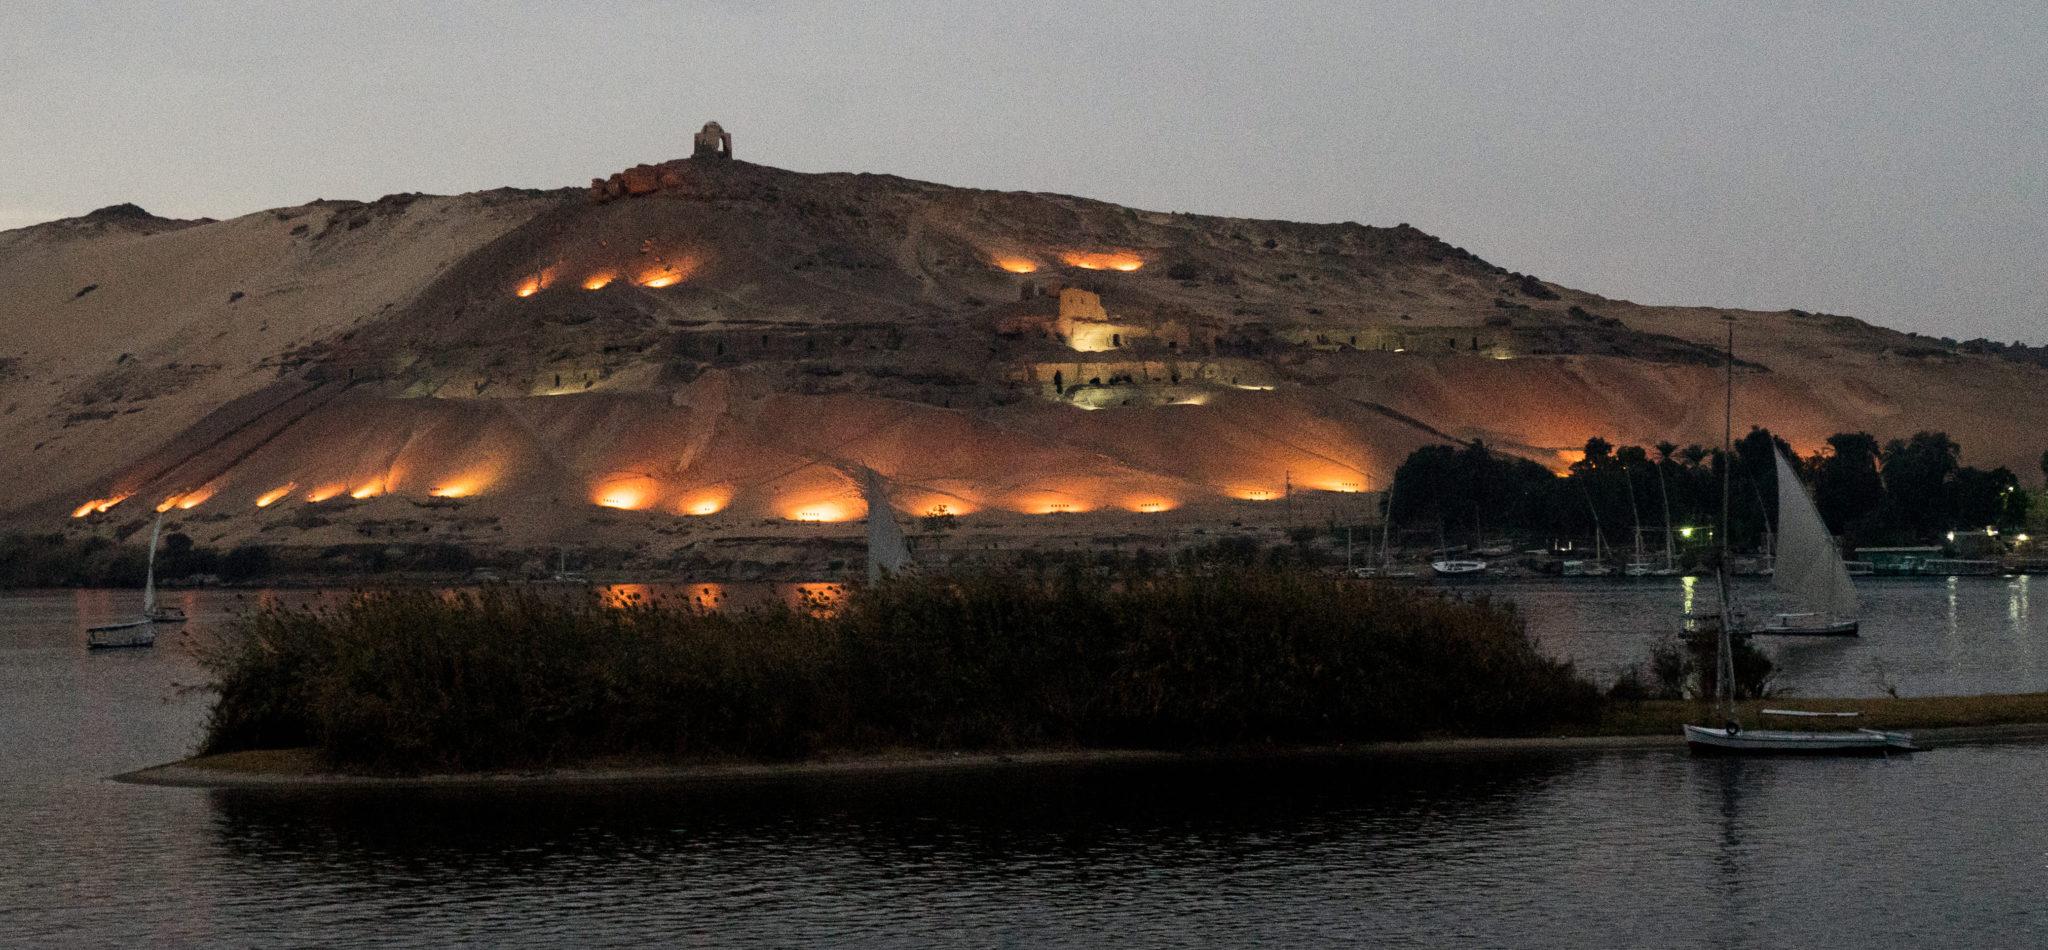 Qubbet el-Hawa